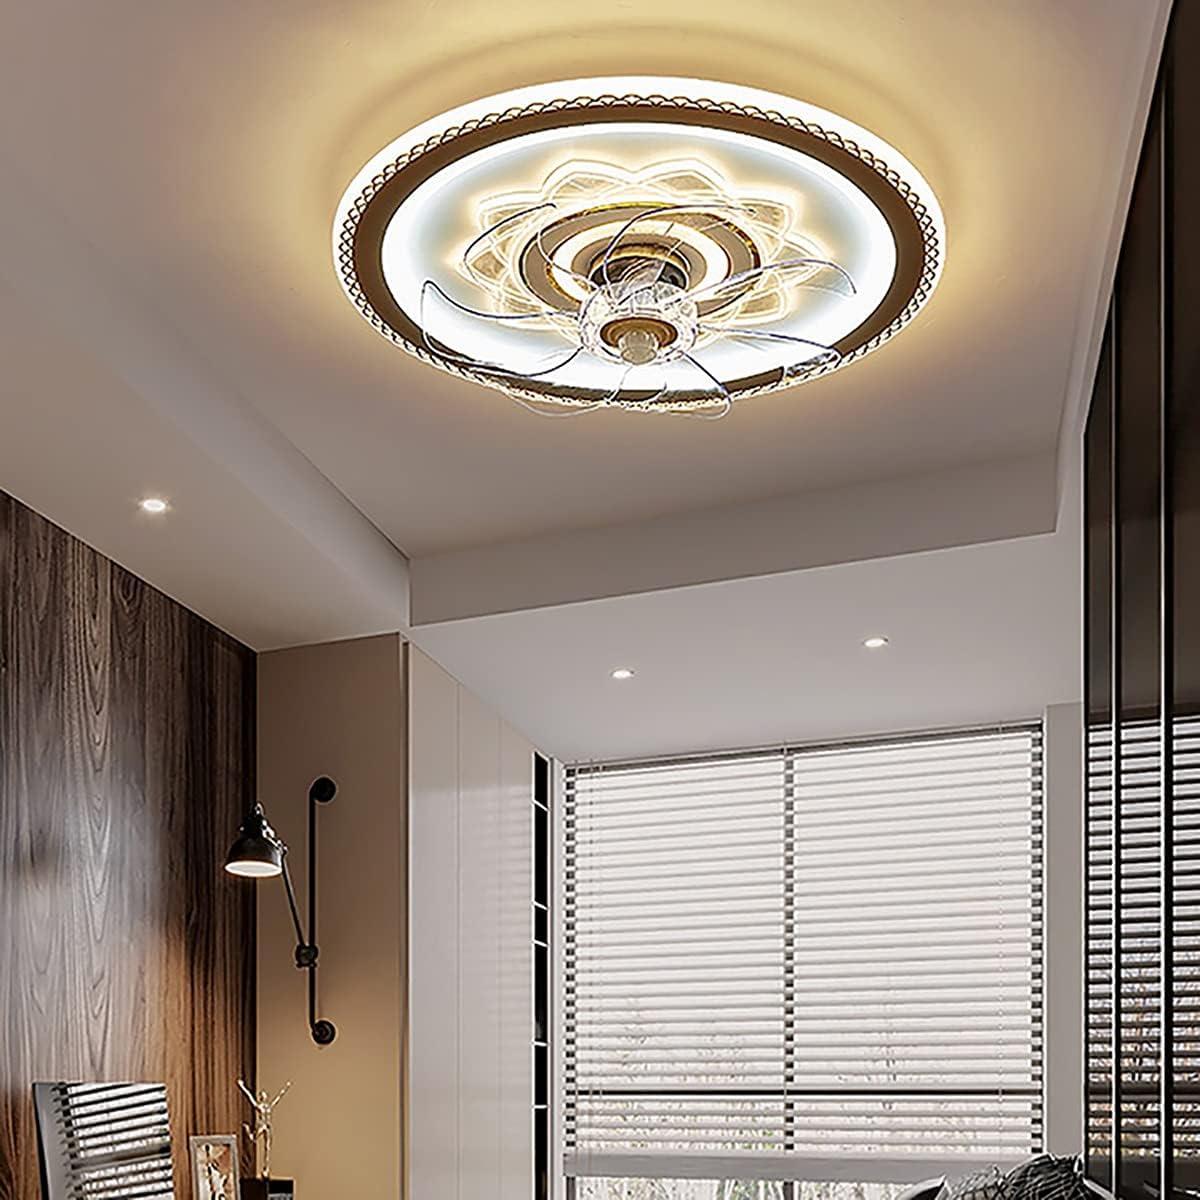 HSLY Moderno Ventilador de Techo con LED Iluminación Silencioso Ventilador de Techo con Luz con Mando a Distancia Regulable Velocidad del Viento Ajustable Fan Lámpara para Sala de Estar Dormitorio Coc